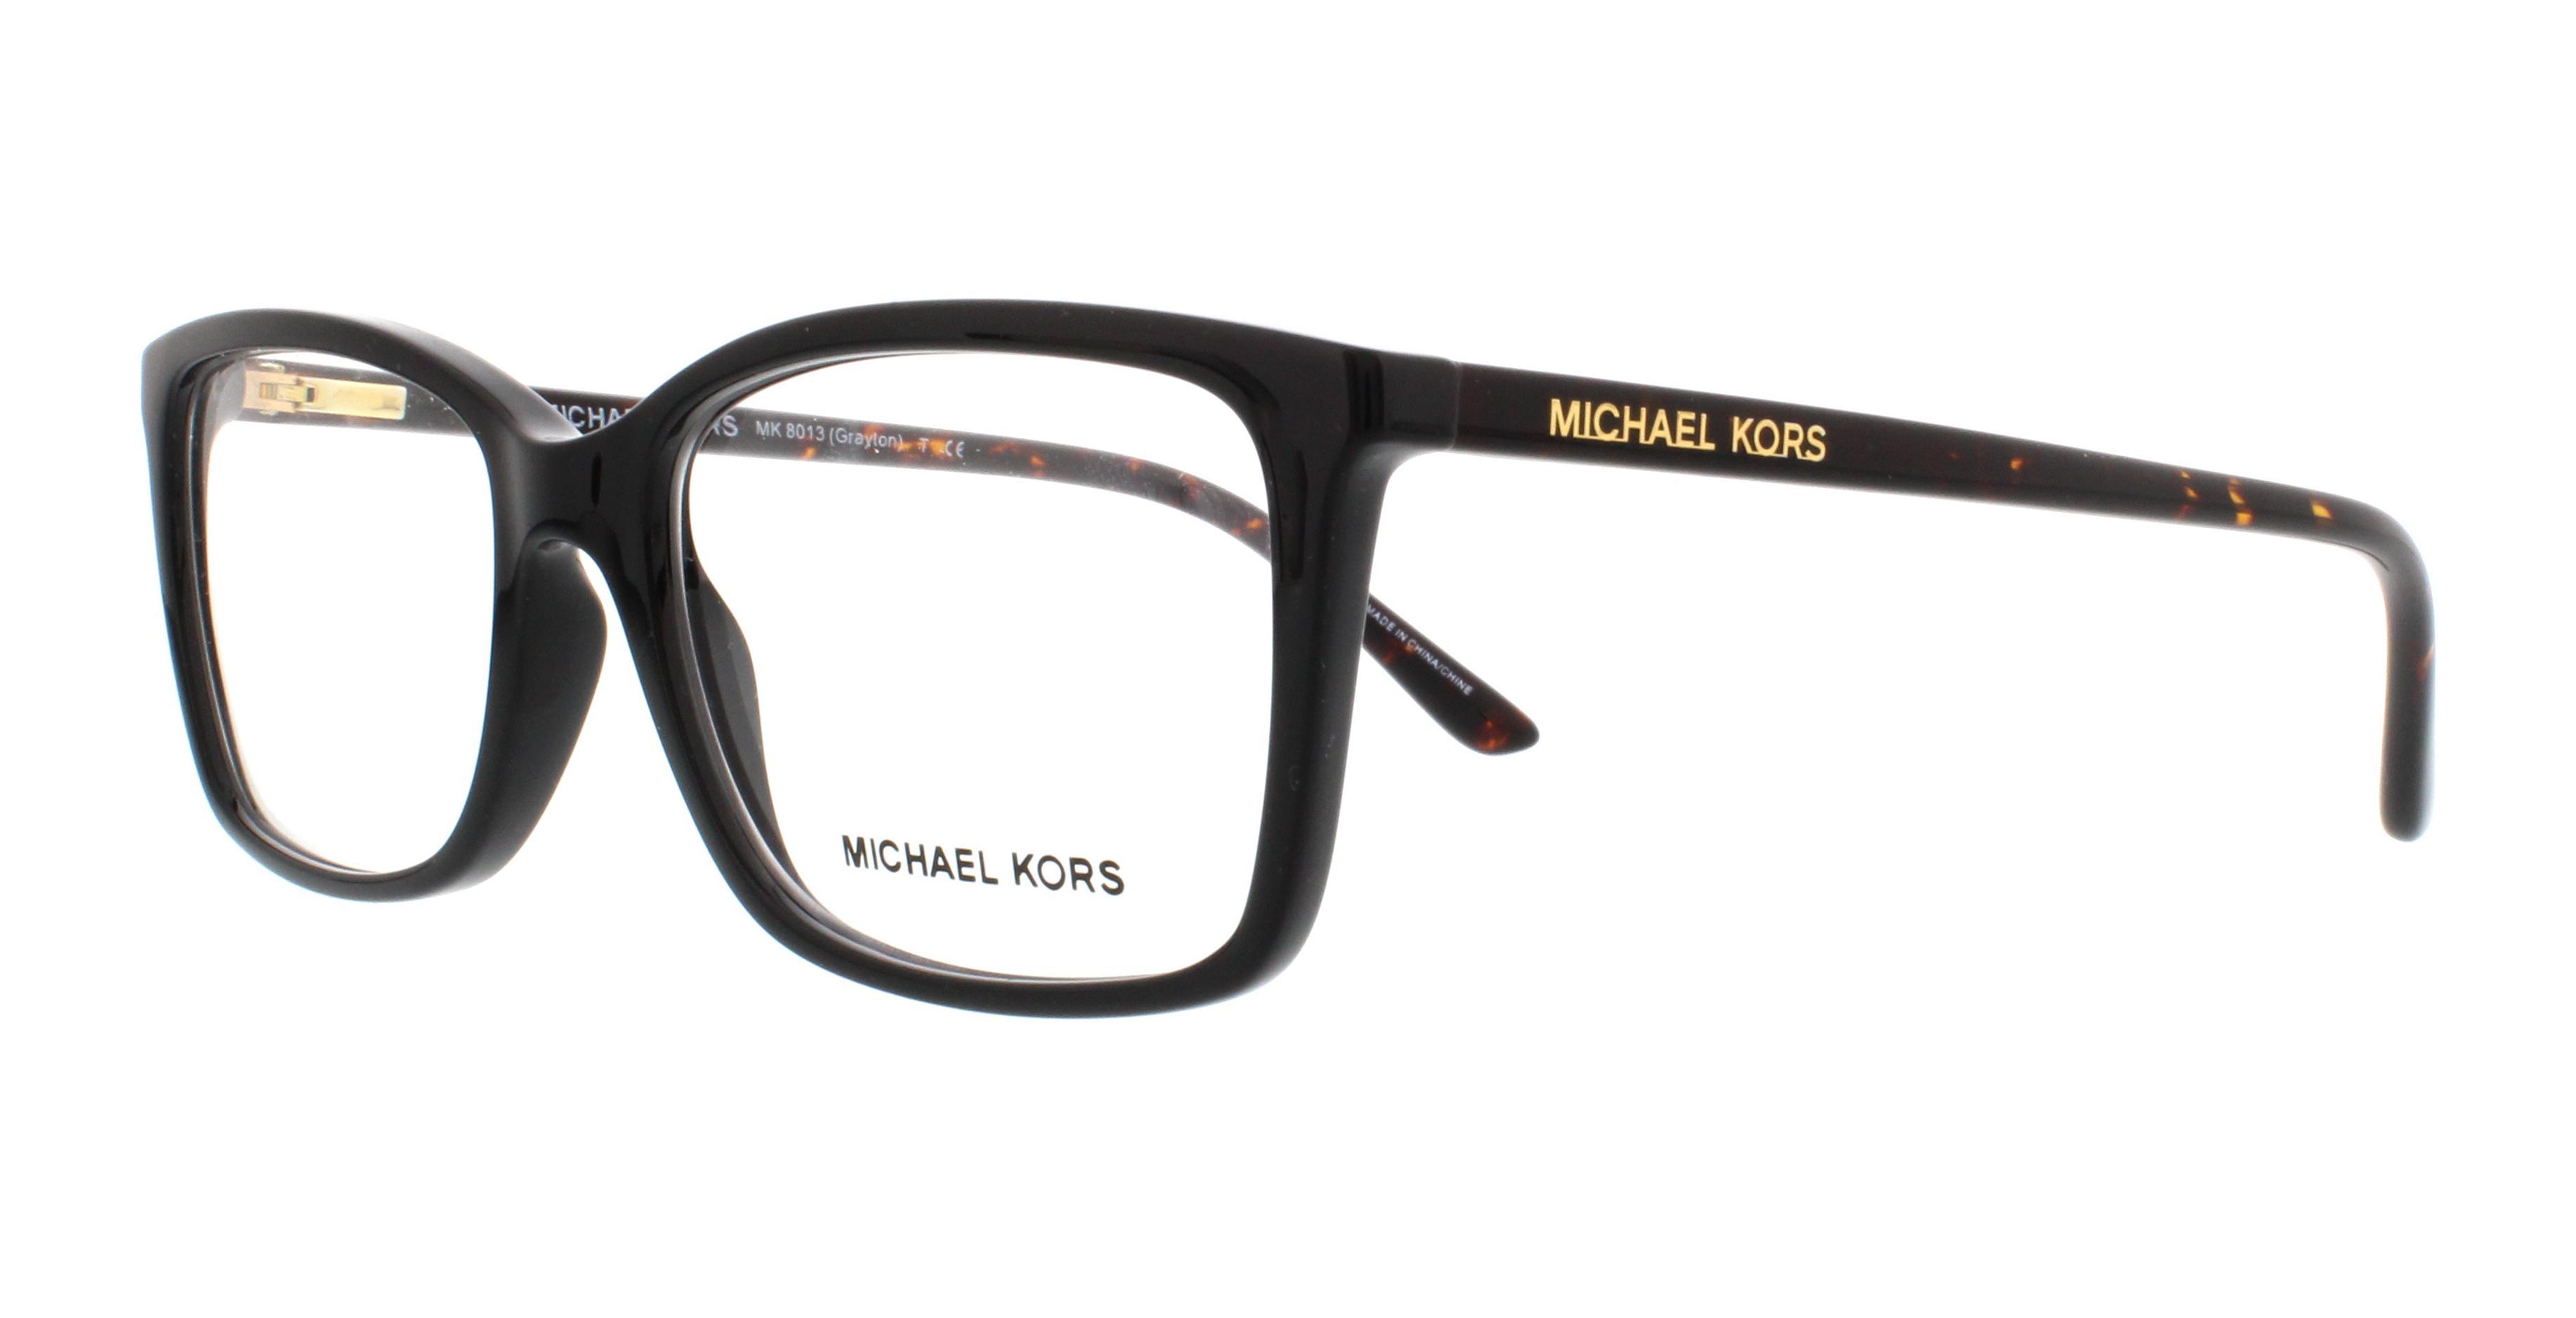 MICHAEL KORS Eyeglasses MK8013 GRAYTON 3056 Black Tortoise 53MM ...